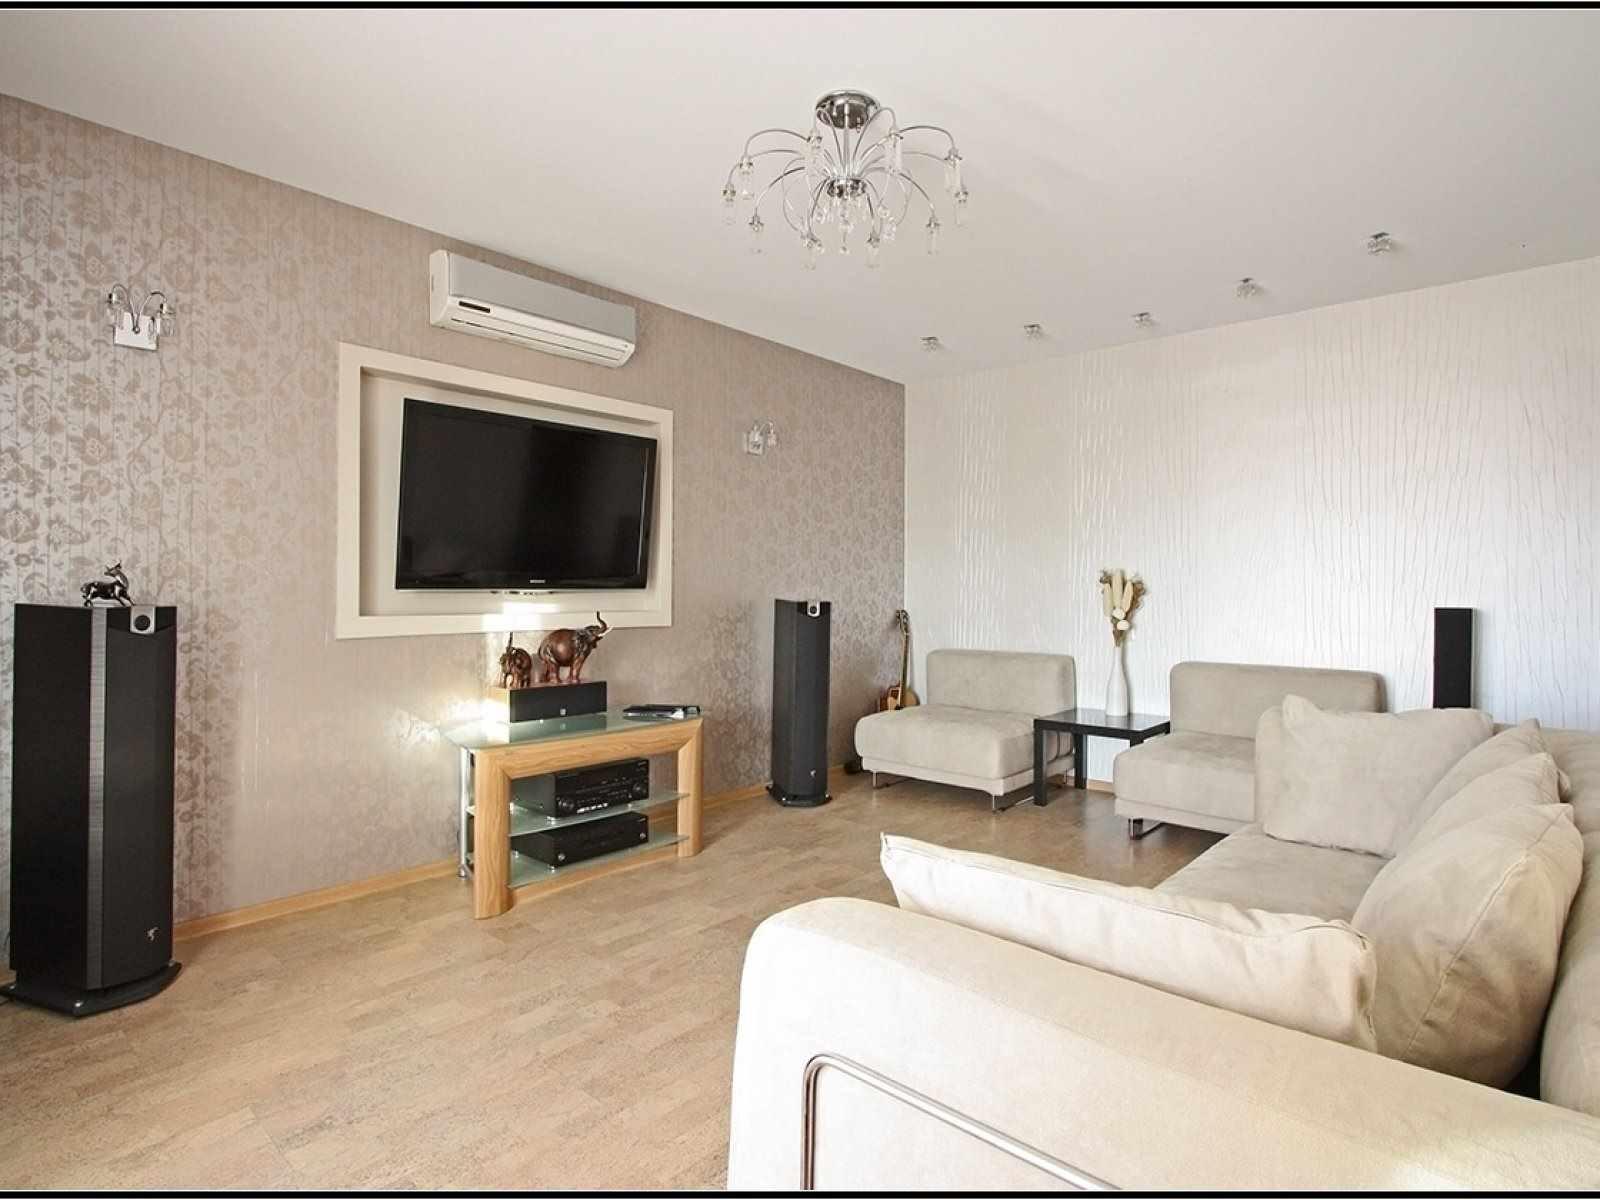 ý tưởng về một phong cách khác thường của giấy dán tường cho phòng khách